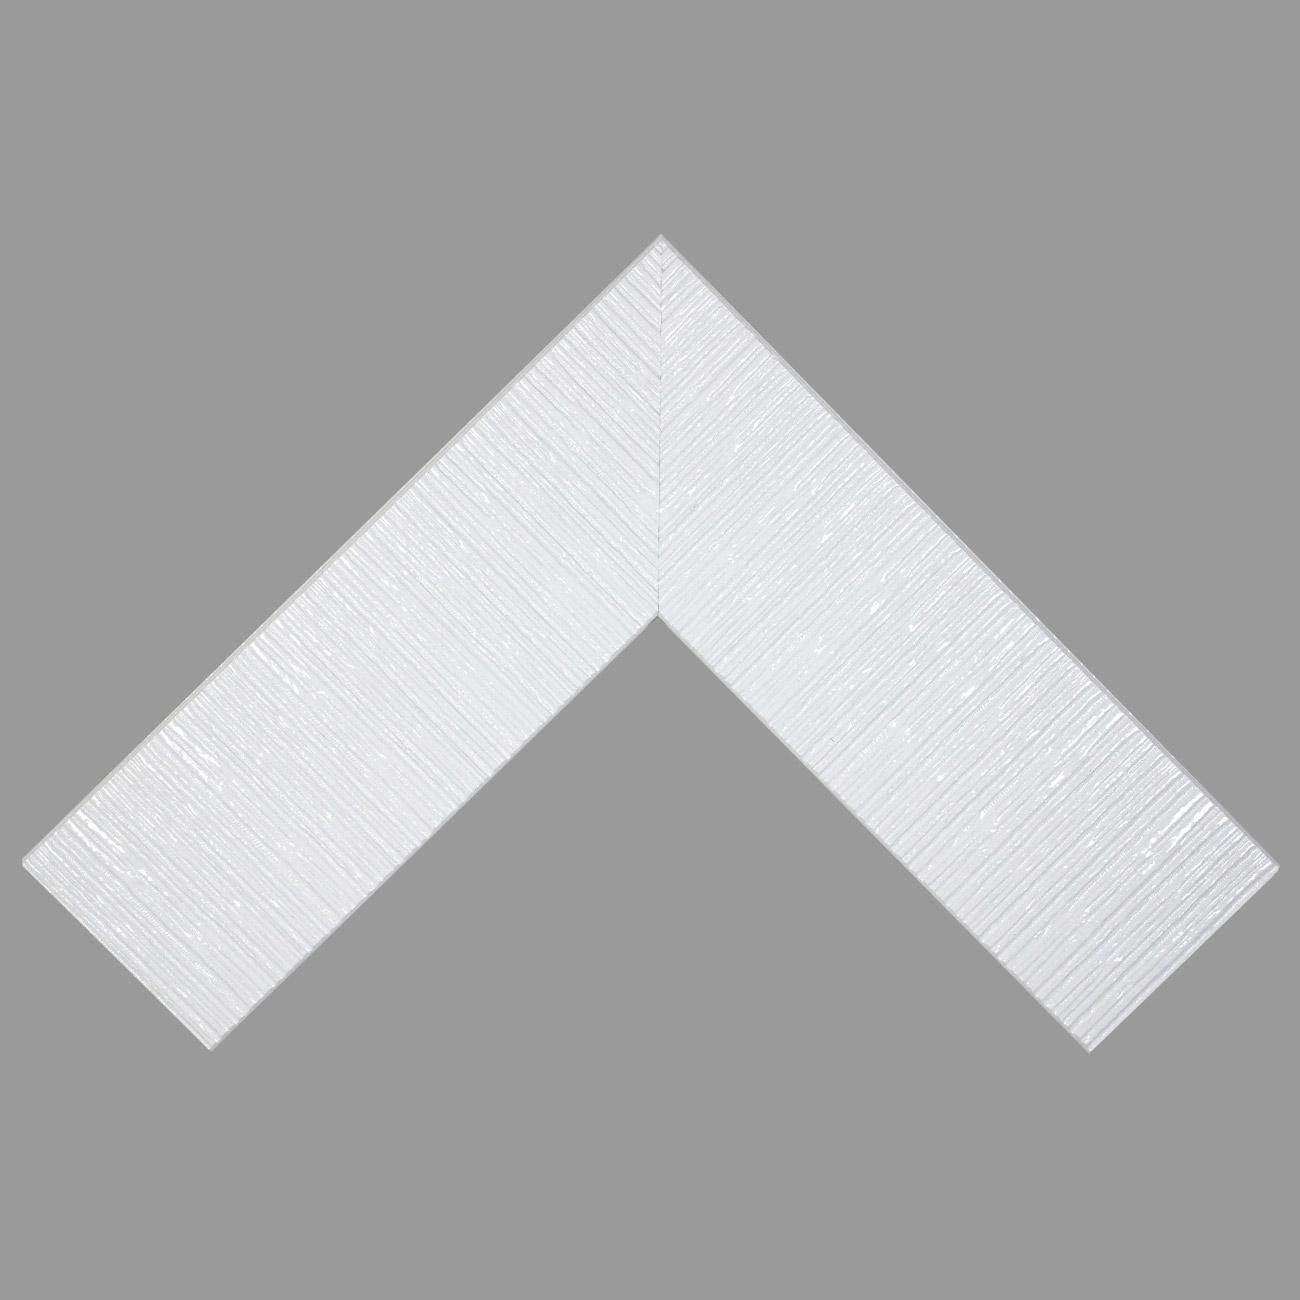 Baguette bois profil plat largeur 10.5cm couleur blanc laqué strié